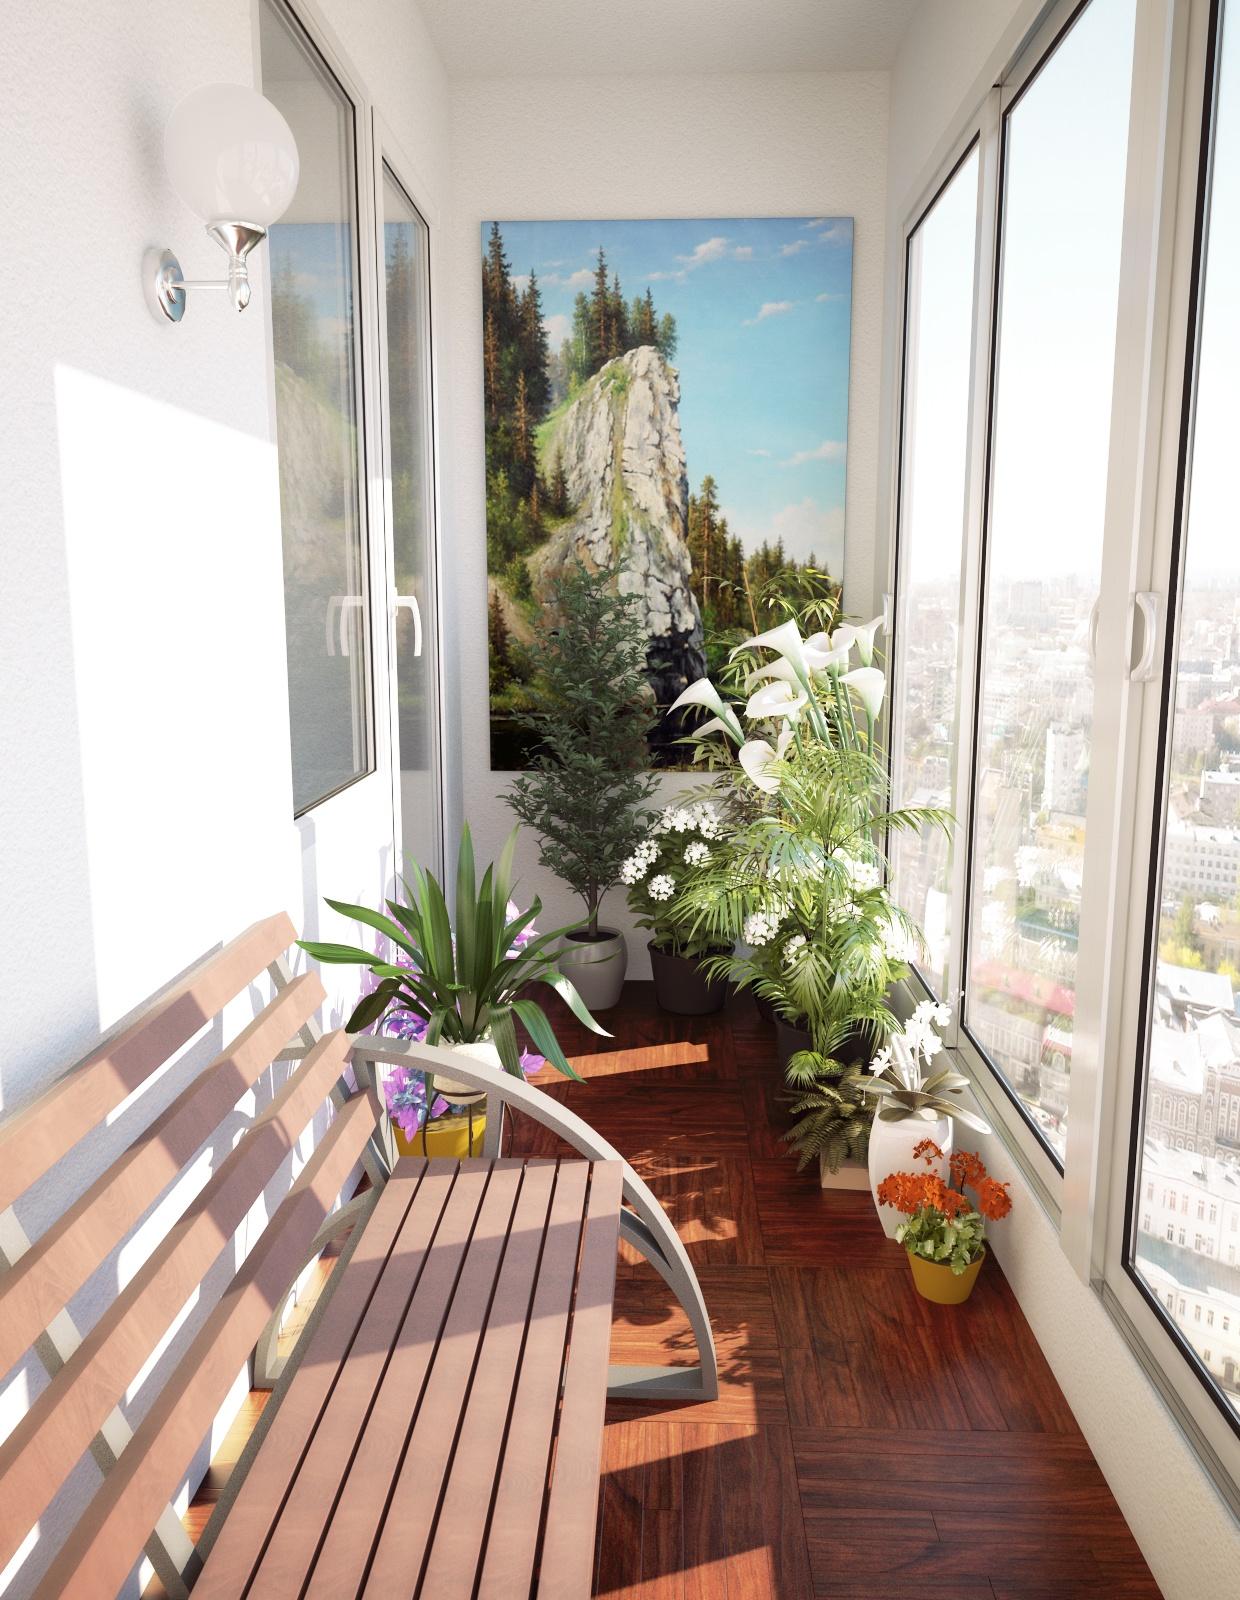 Оформление лоджий и балконов в квартире своими руками. совет.